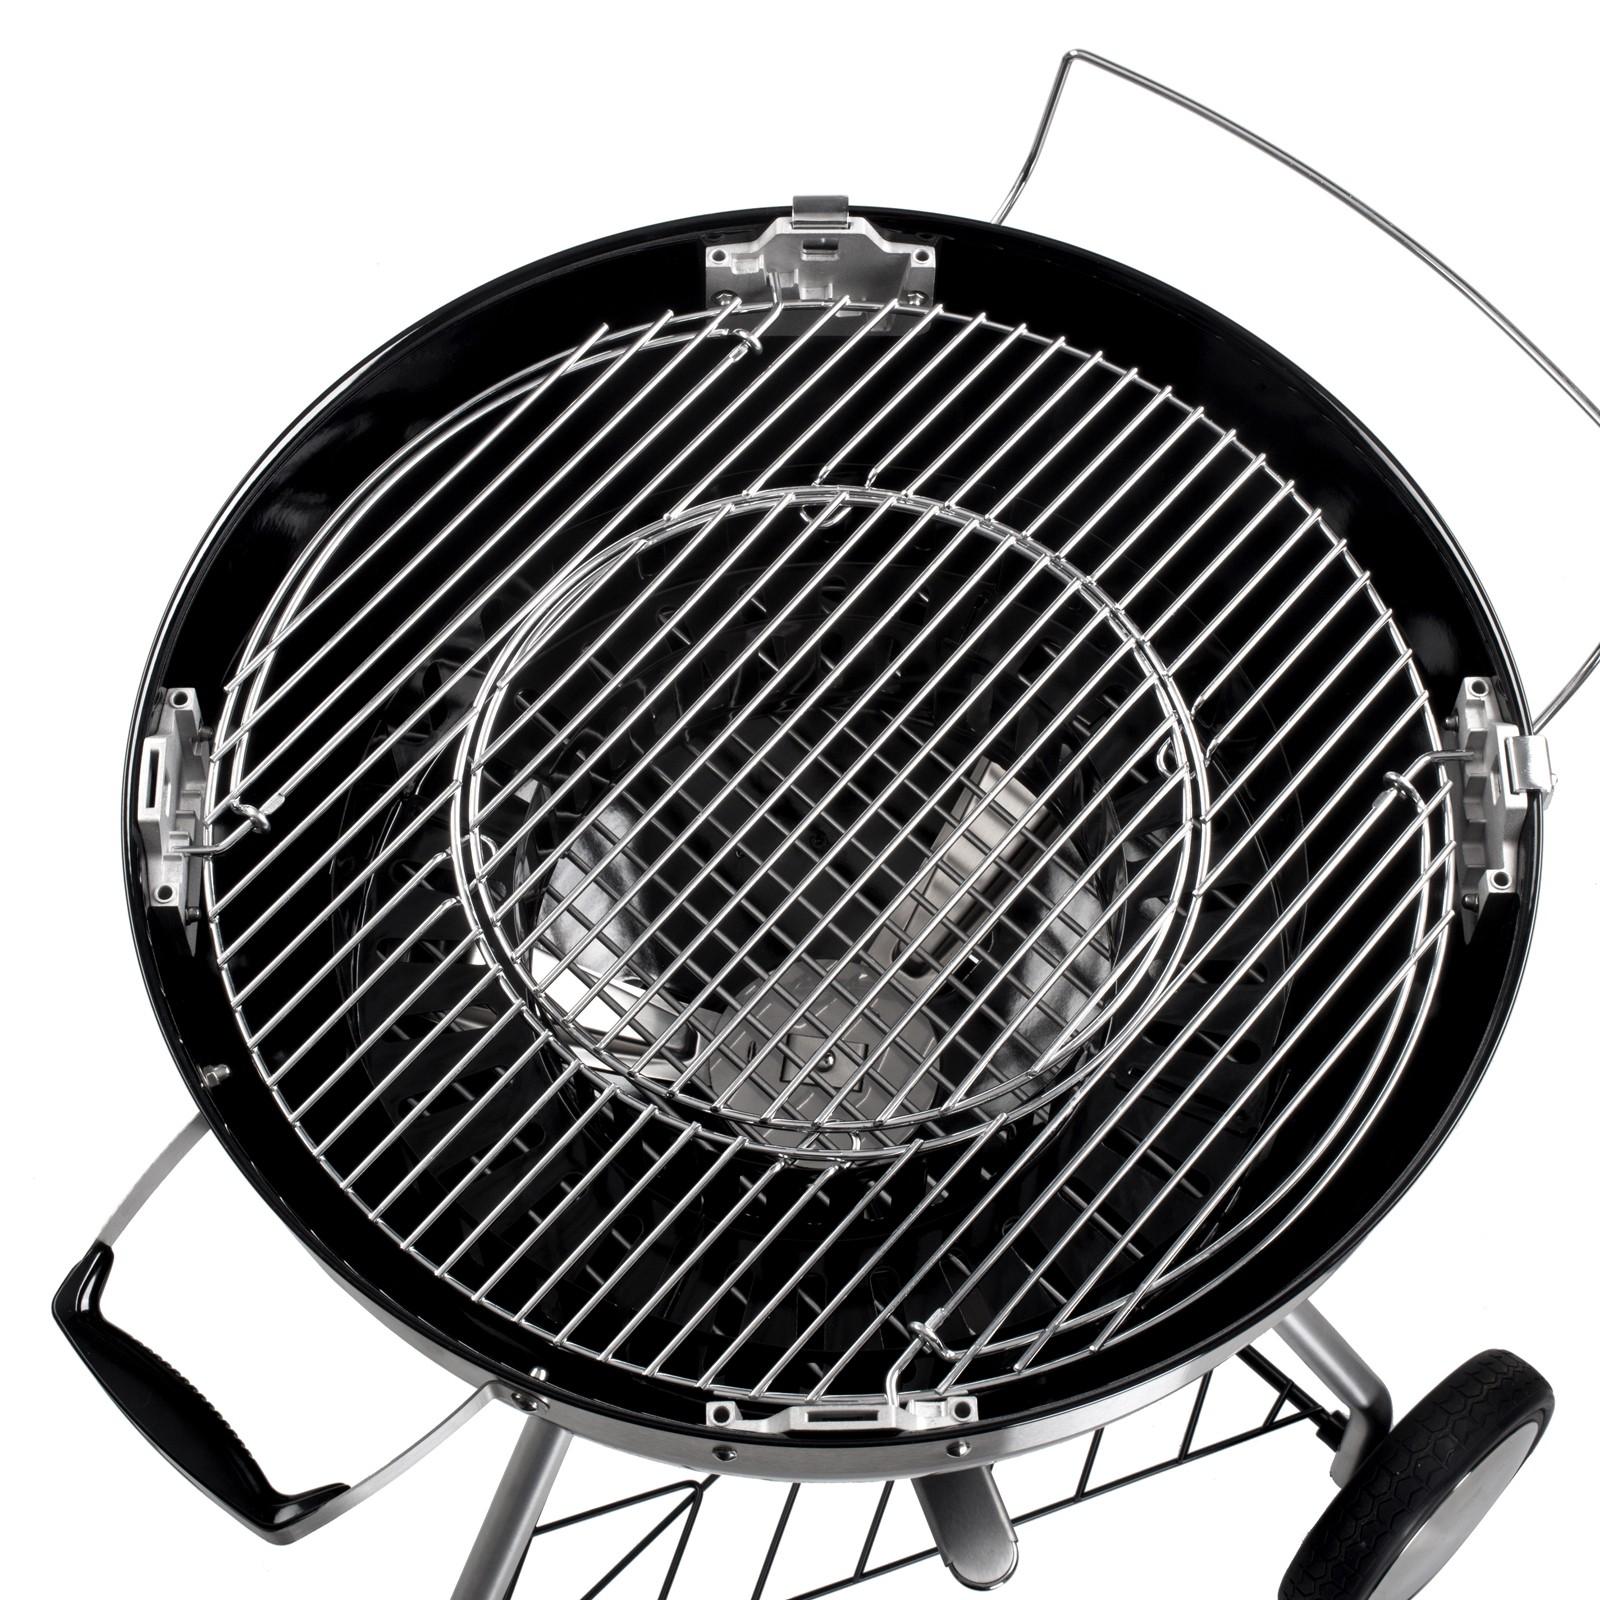 tepro grillrost kugelgrill grillen hauptrost grill rost in. Black Bedroom Furniture Sets. Home Design Ideas